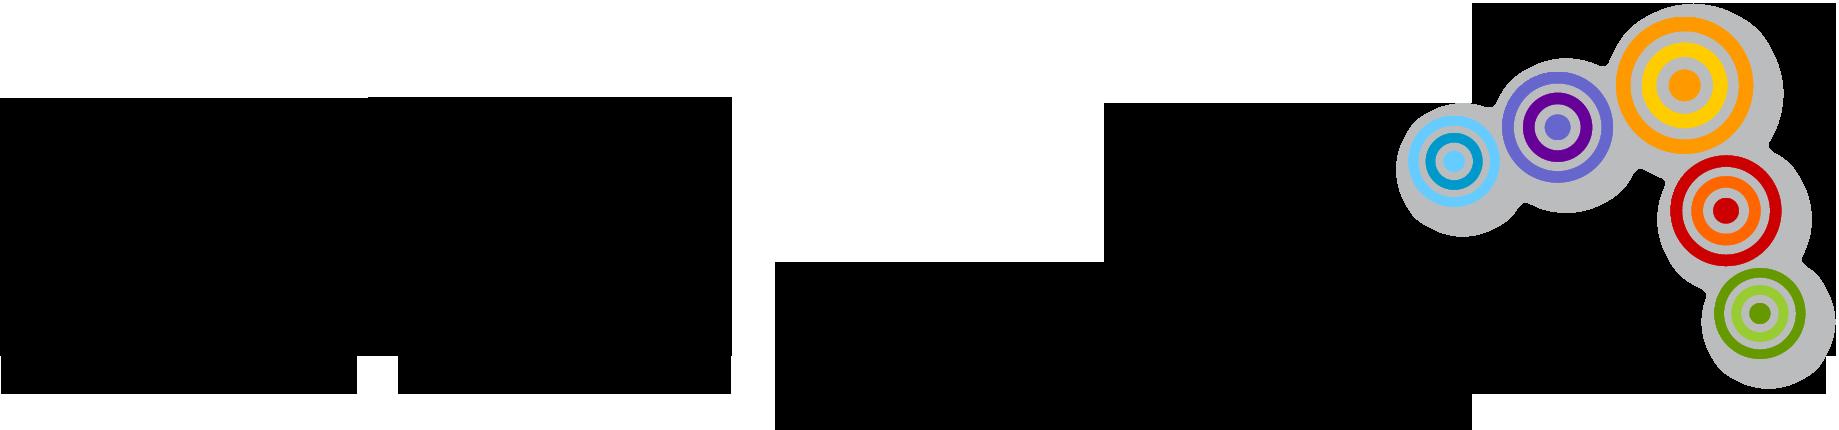 KK_Branding Pays logo